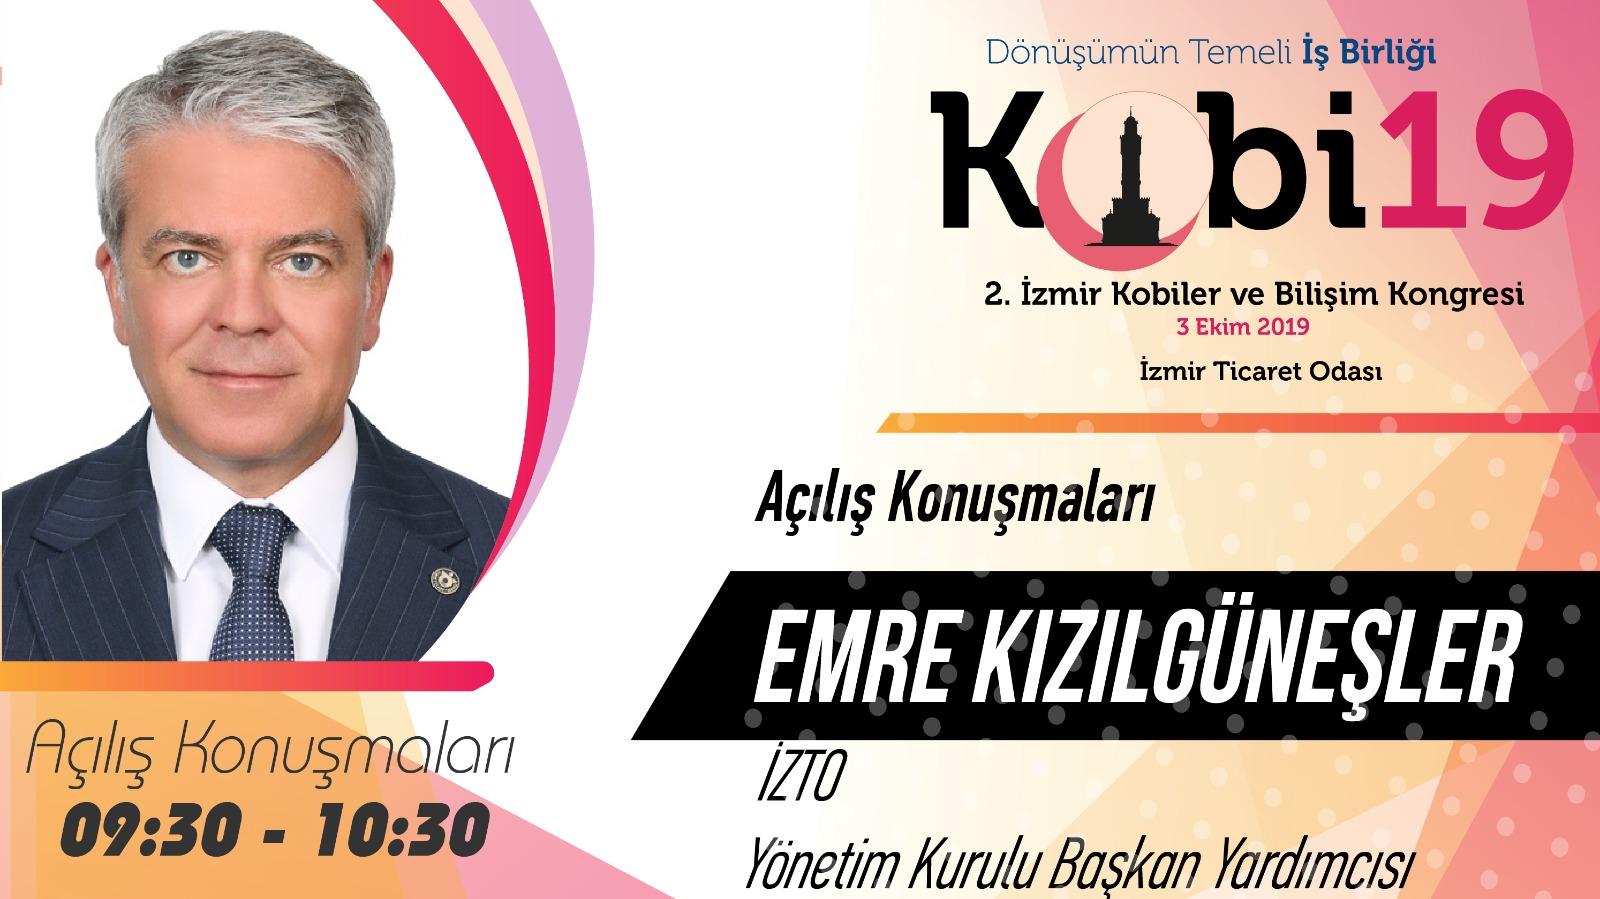 Emre KIZILGÜNEŞLER - 2. İzmir Kobiler ve Bilişim Kongresi 2019